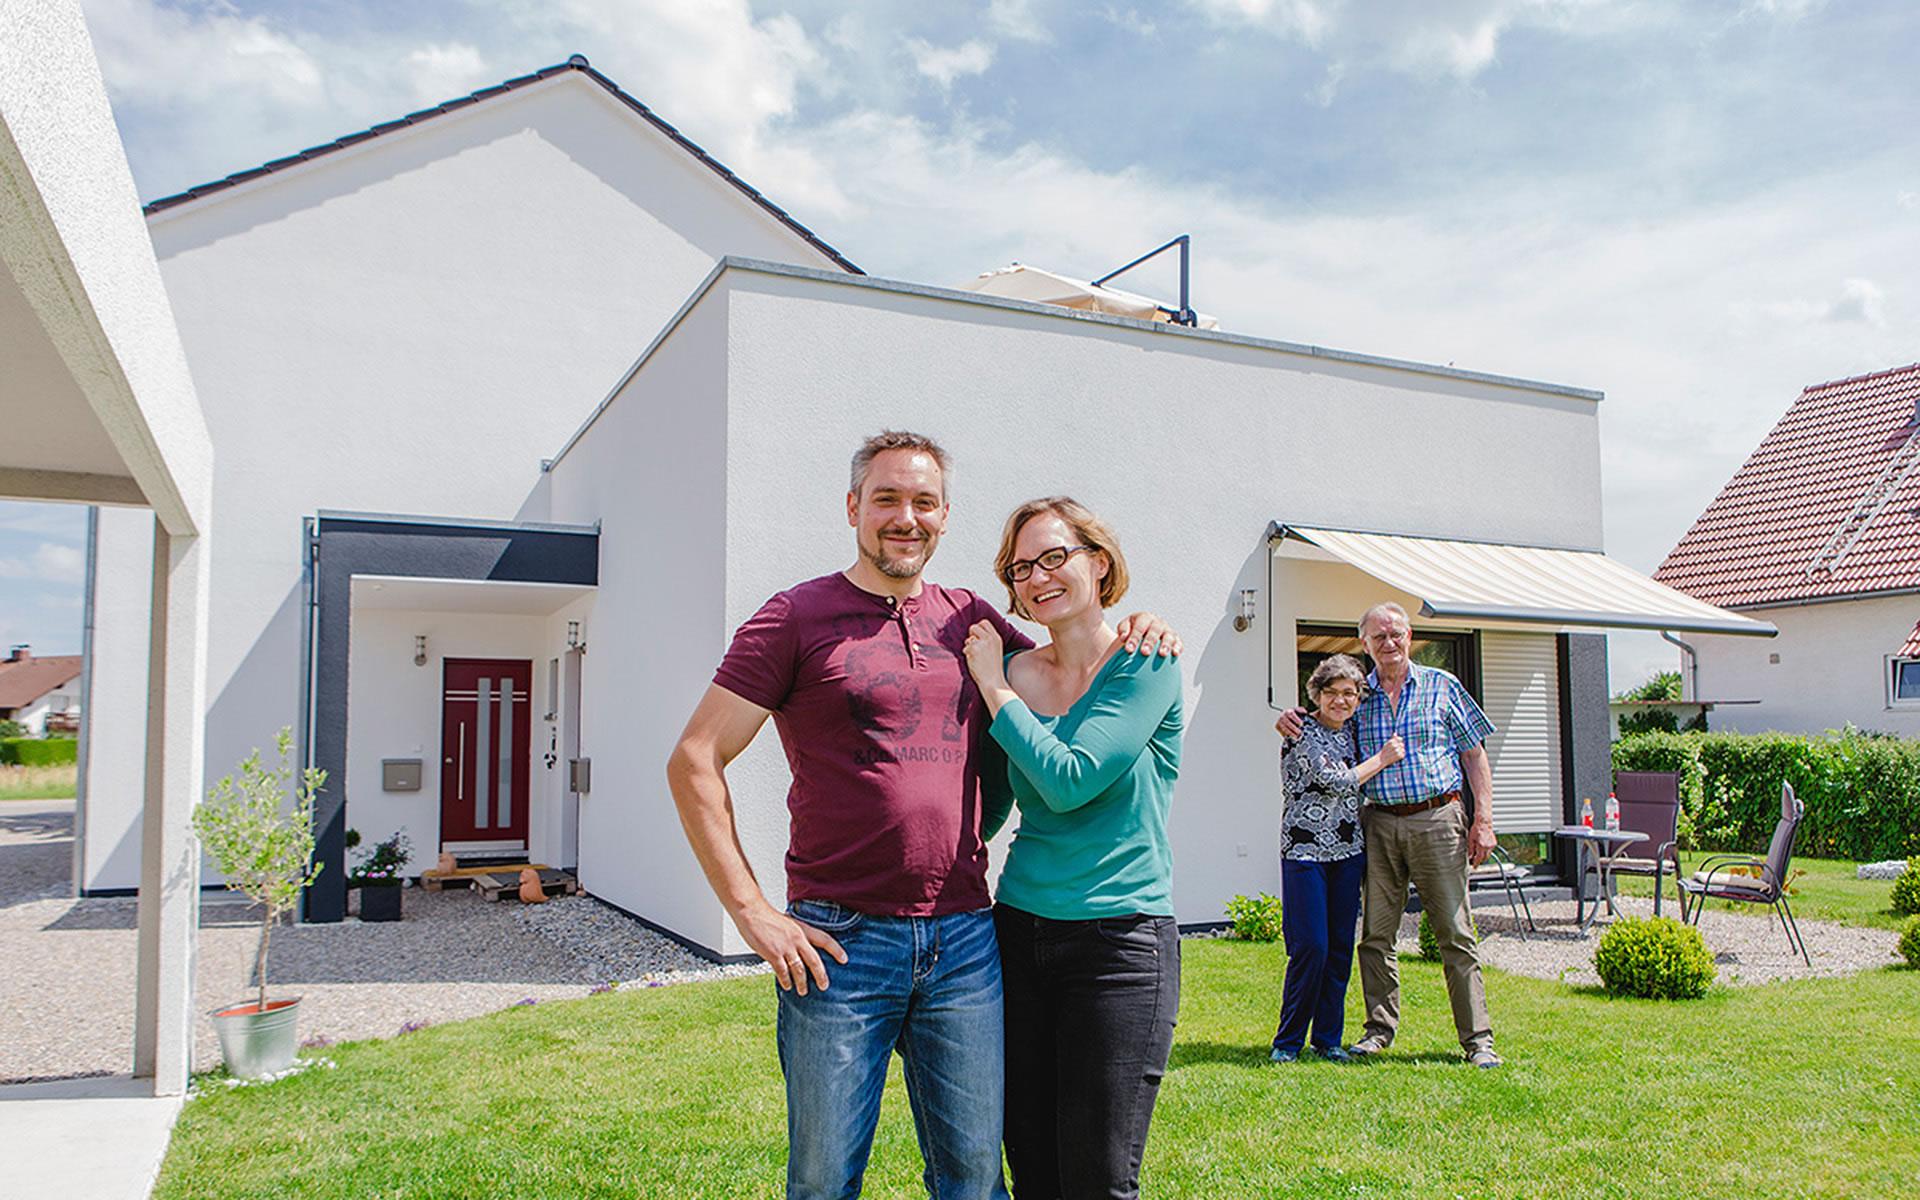 LaCasa Generationo von FischerHaus GmbH & Co. KG